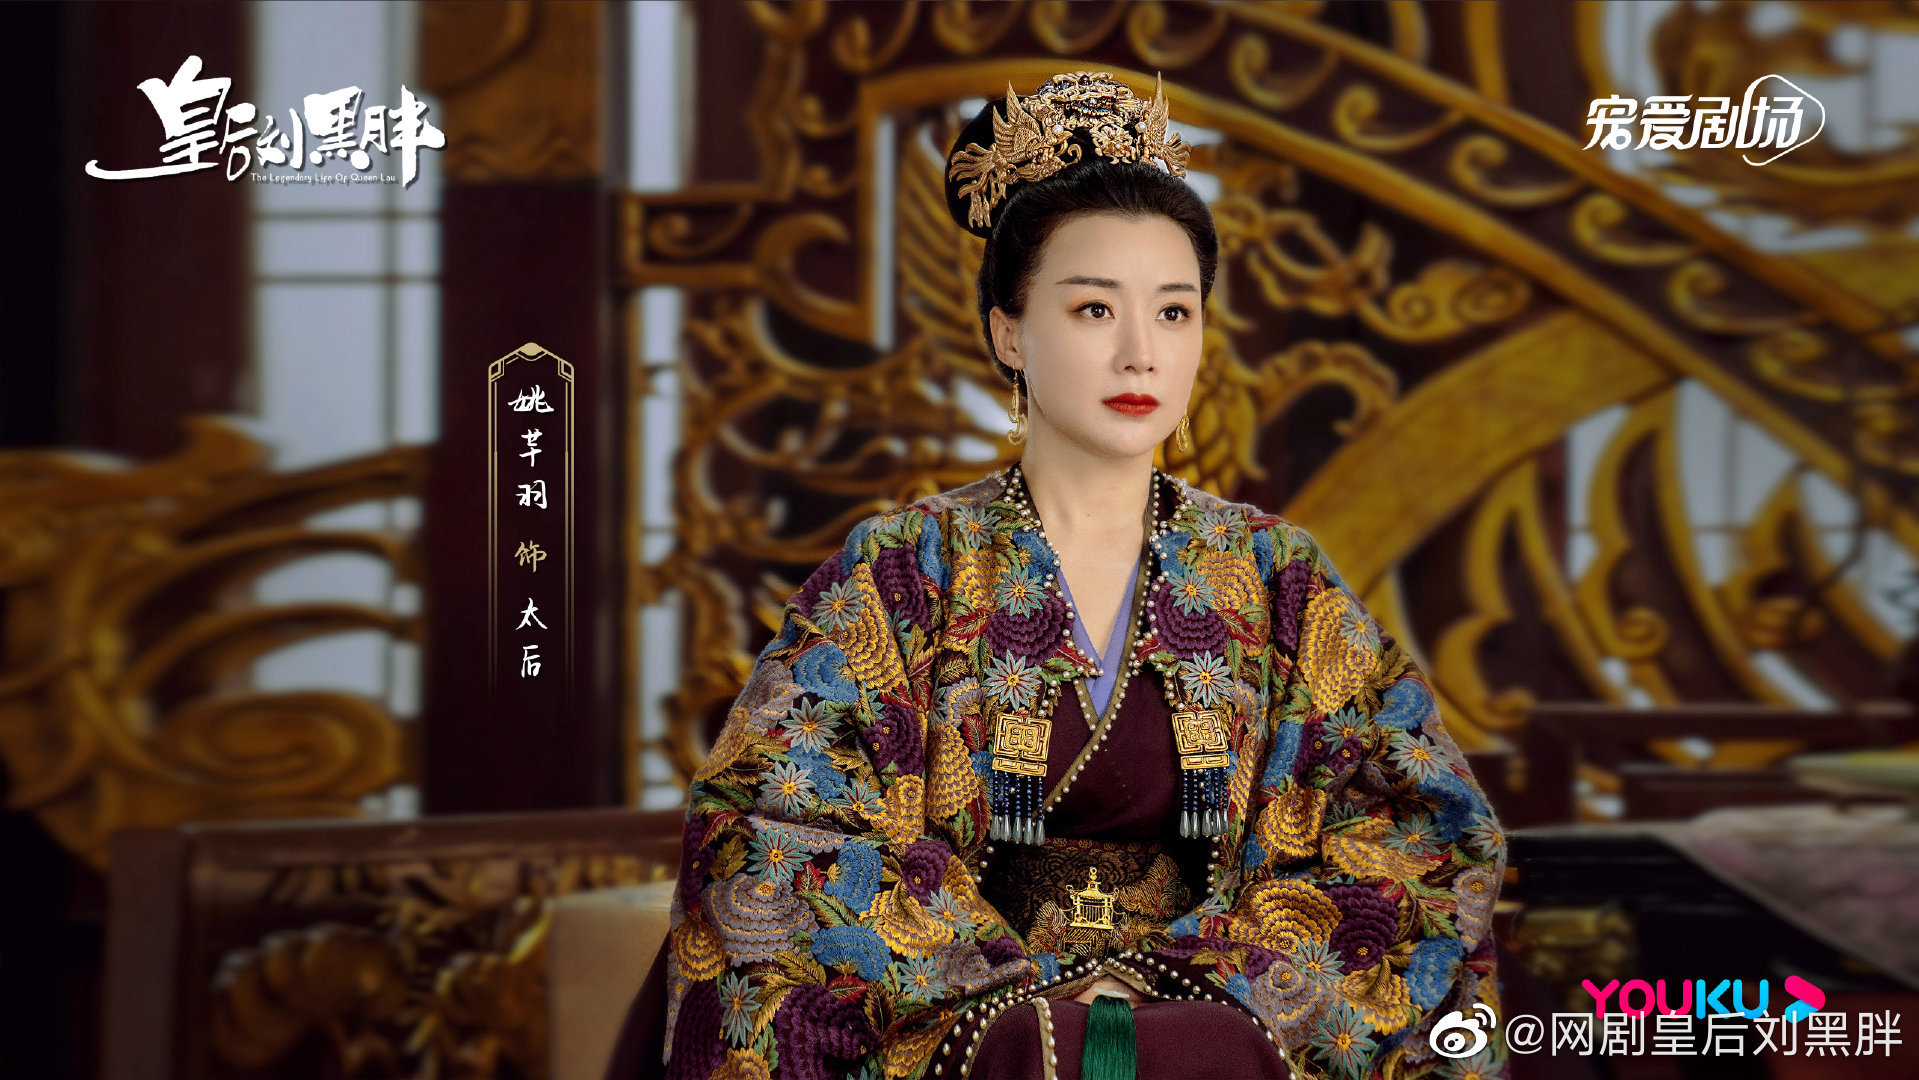 Hình ảnh Hoàng Hậu Lưu Hắc Bàn